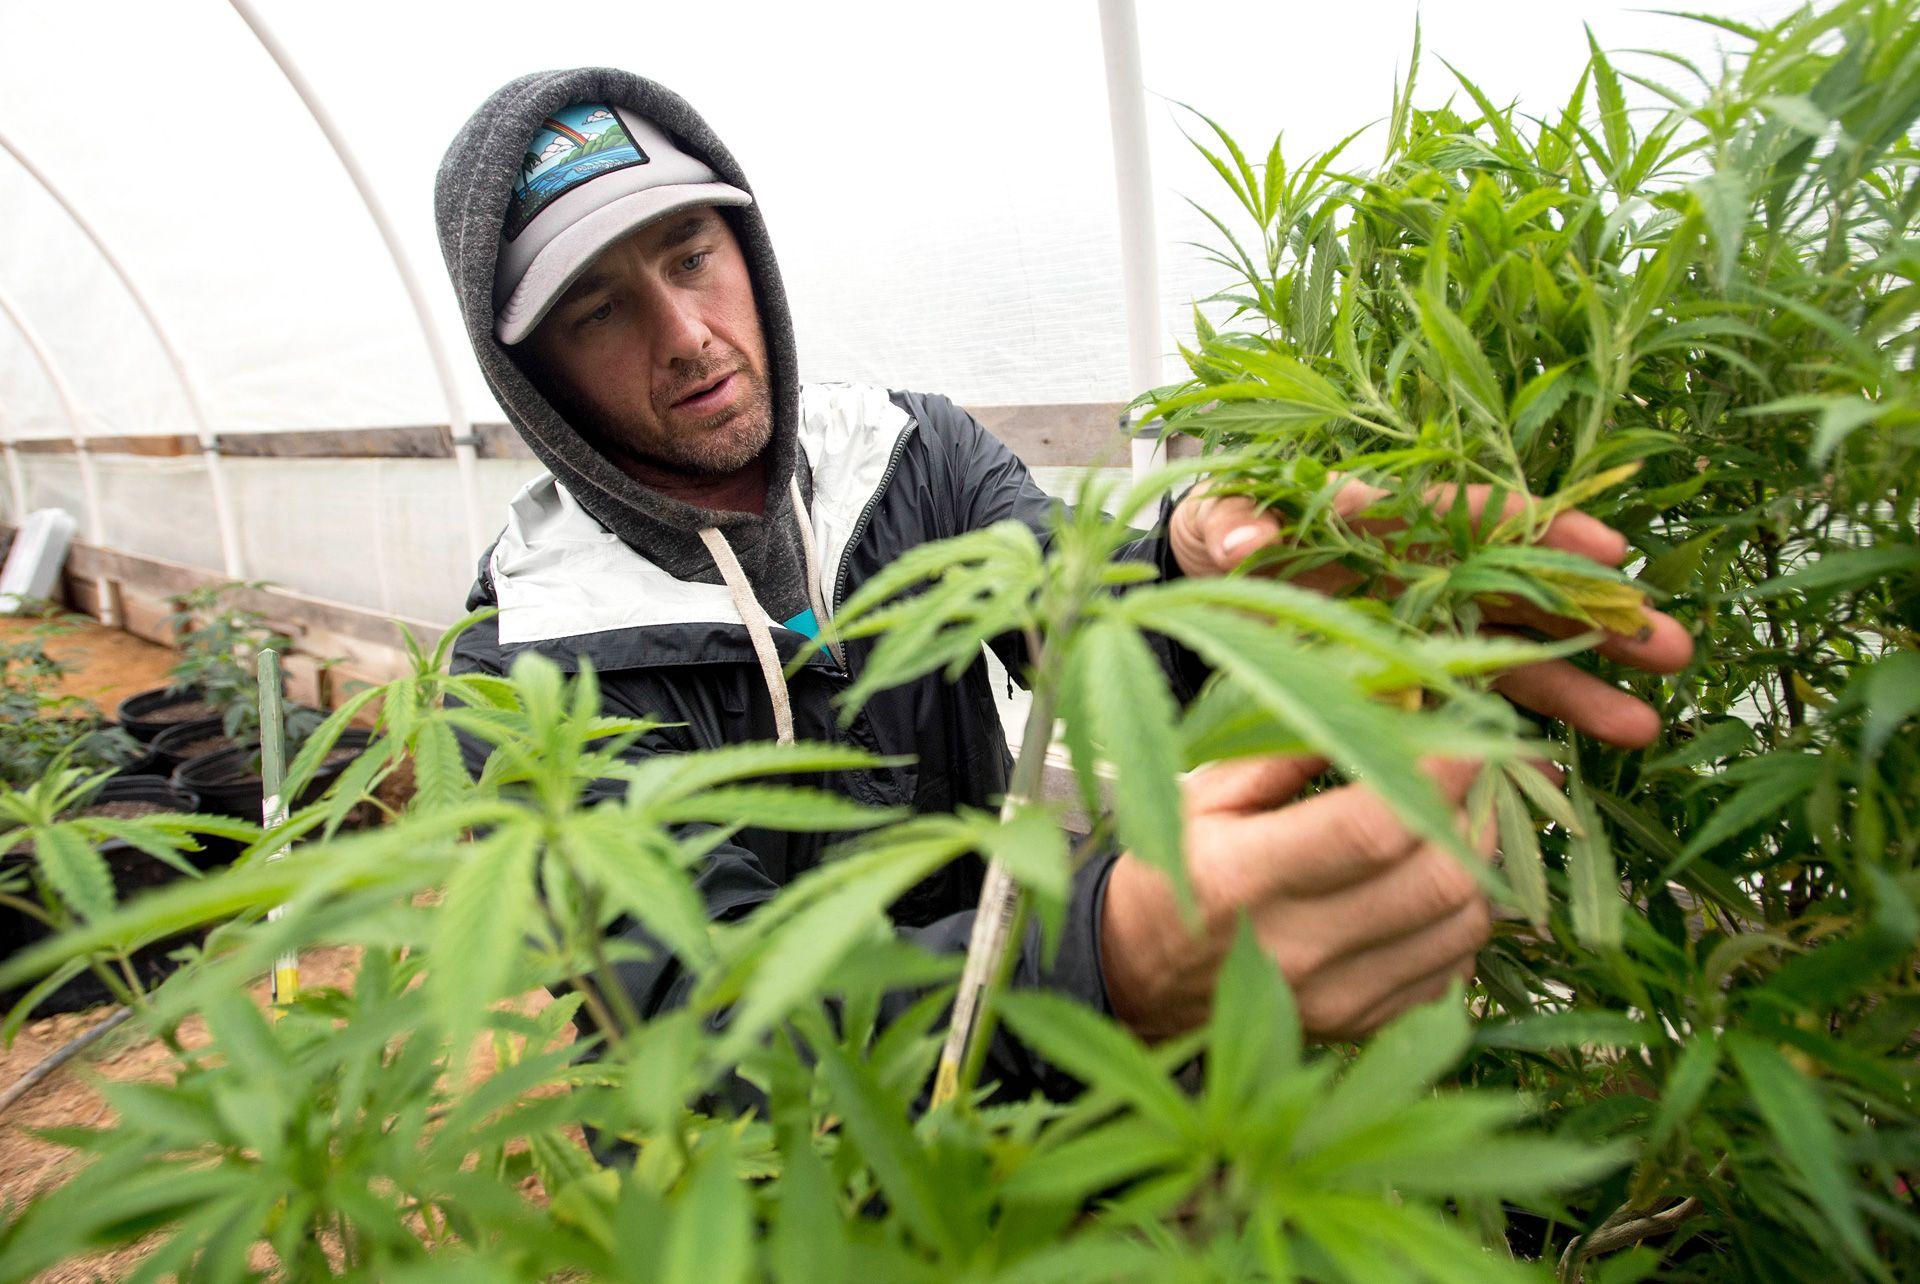 Культивирование марихуаны в россии конопля вырашиванье